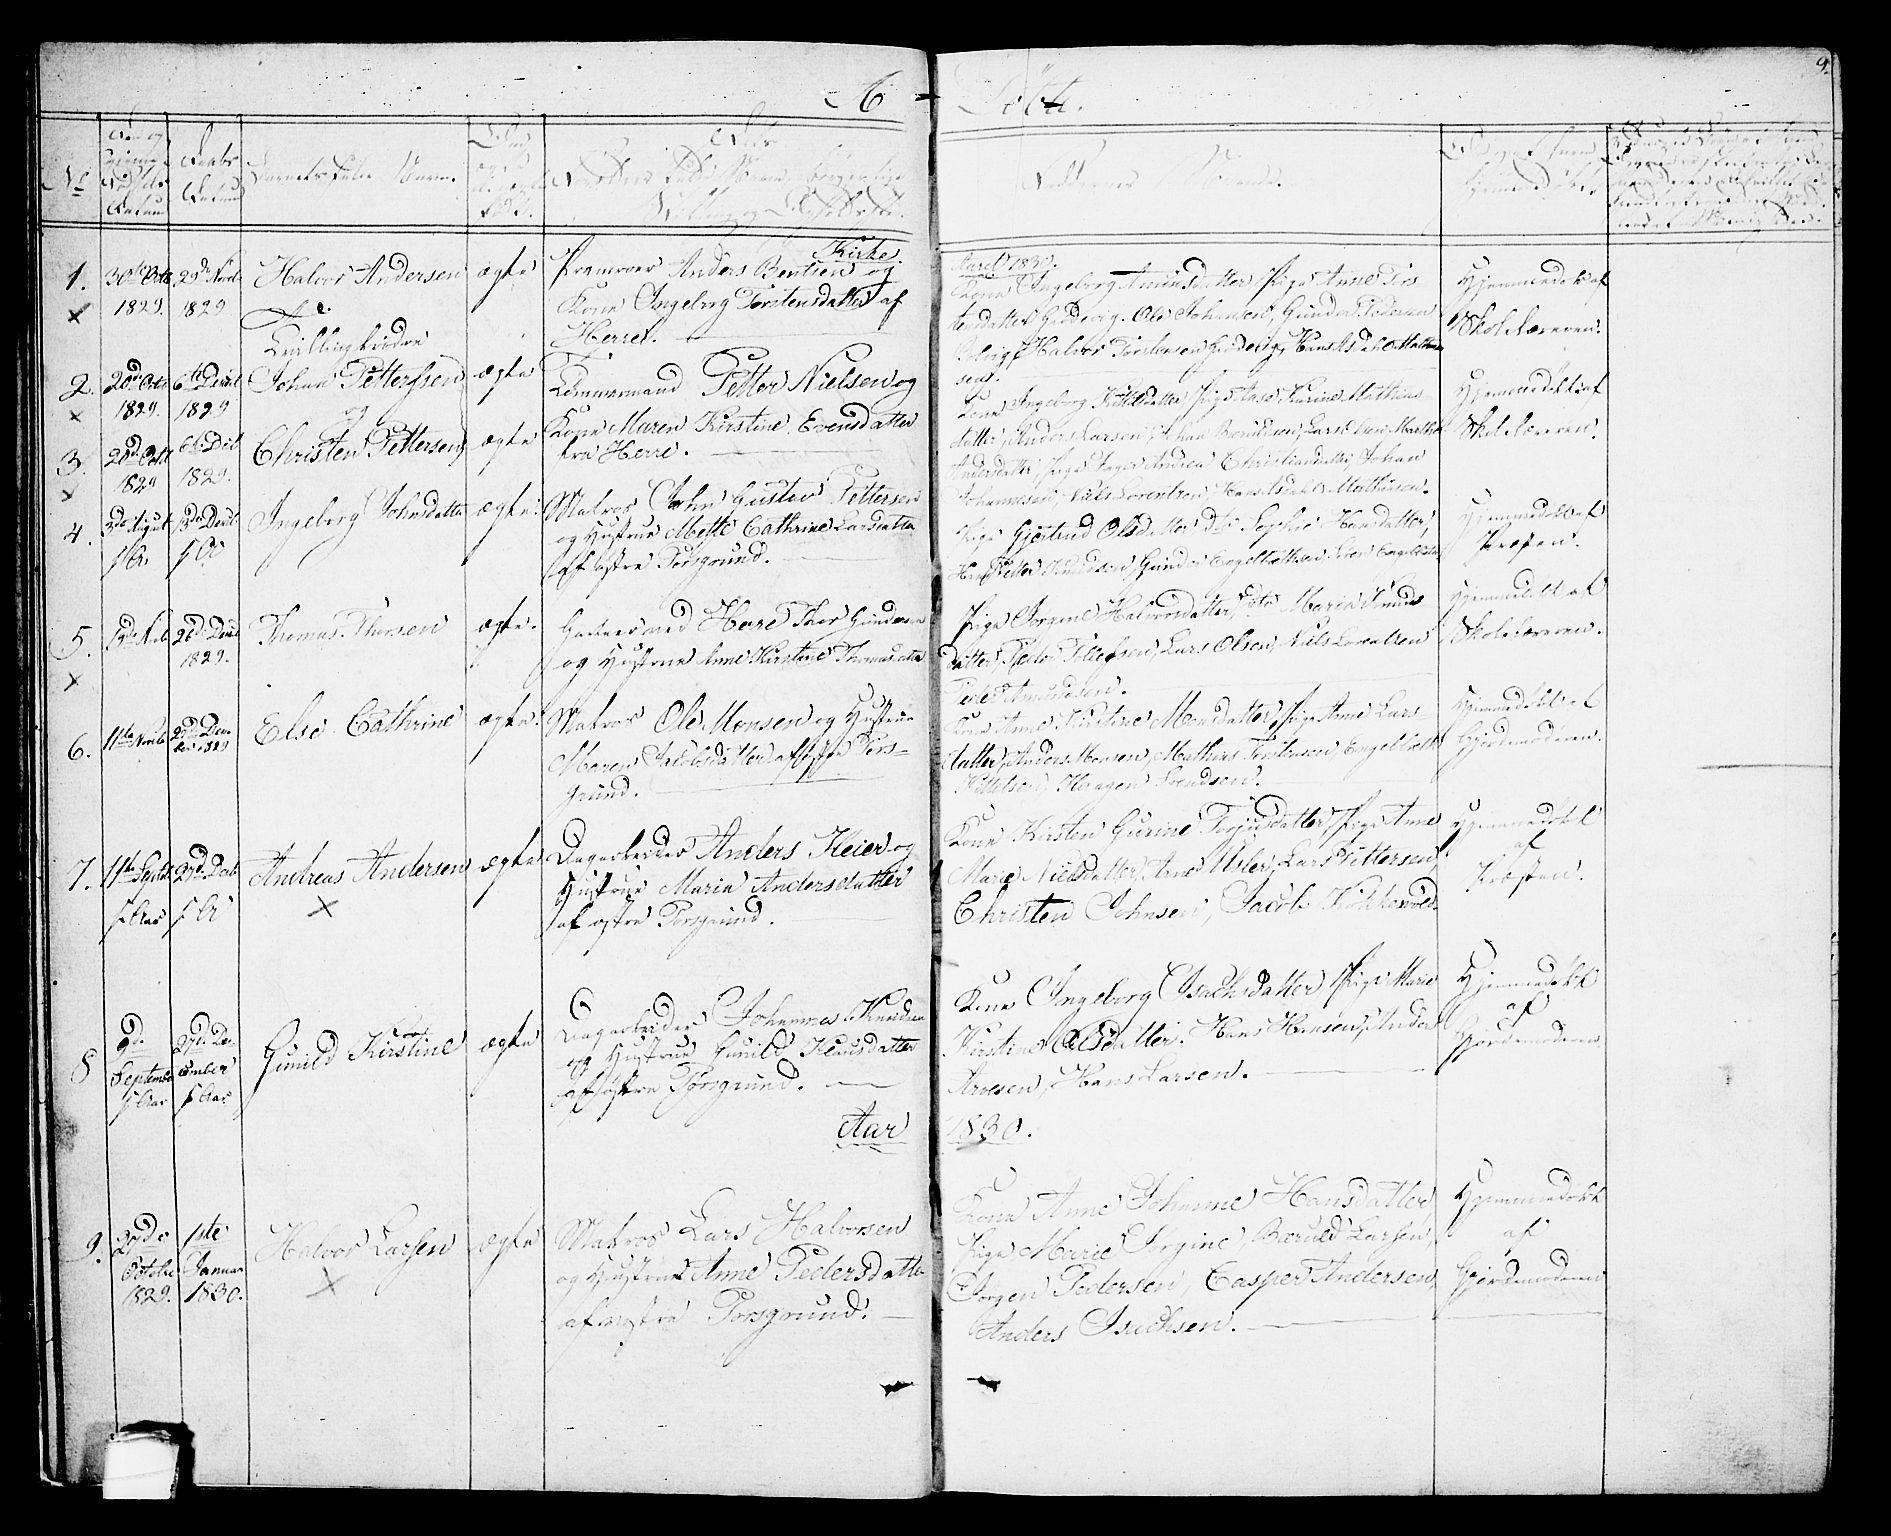 SAKO, Porsgrunn kirkebøker , G/Gb/L0002: Klokkerbok nr. II 2, 1828-1841, s. 9